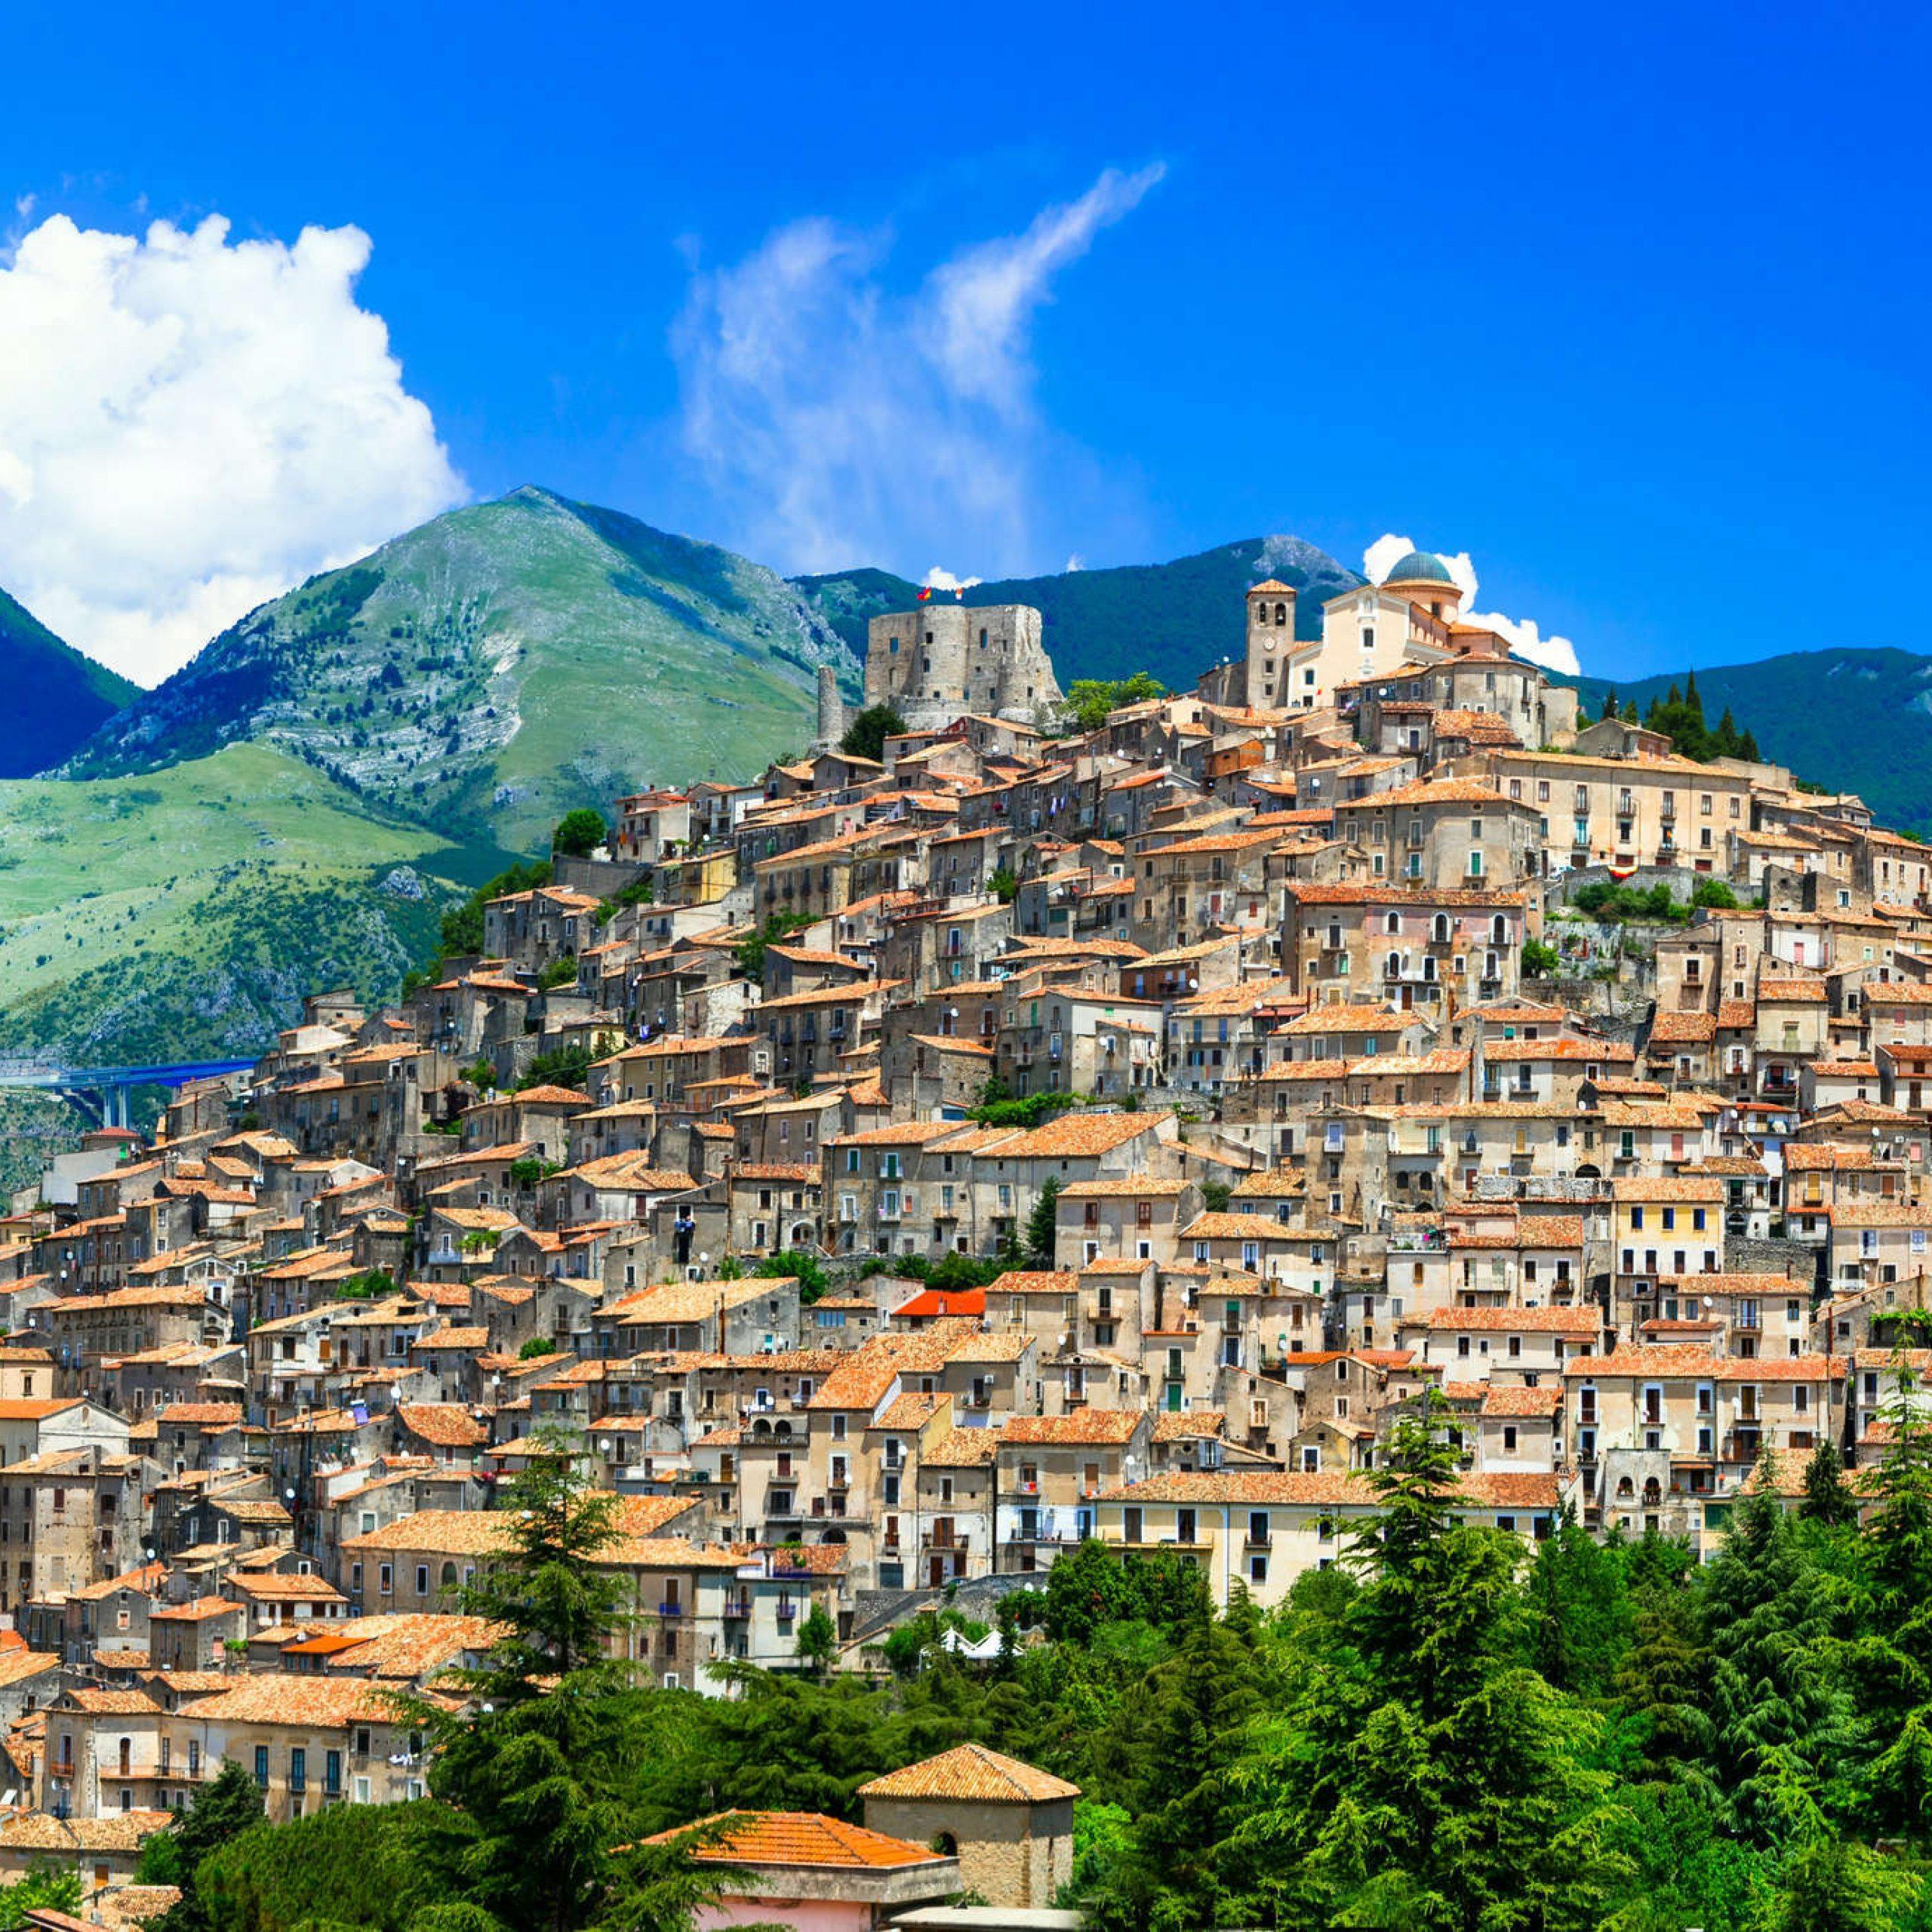 1° Giorno: Napoli - Morano Calabro - Cosenza